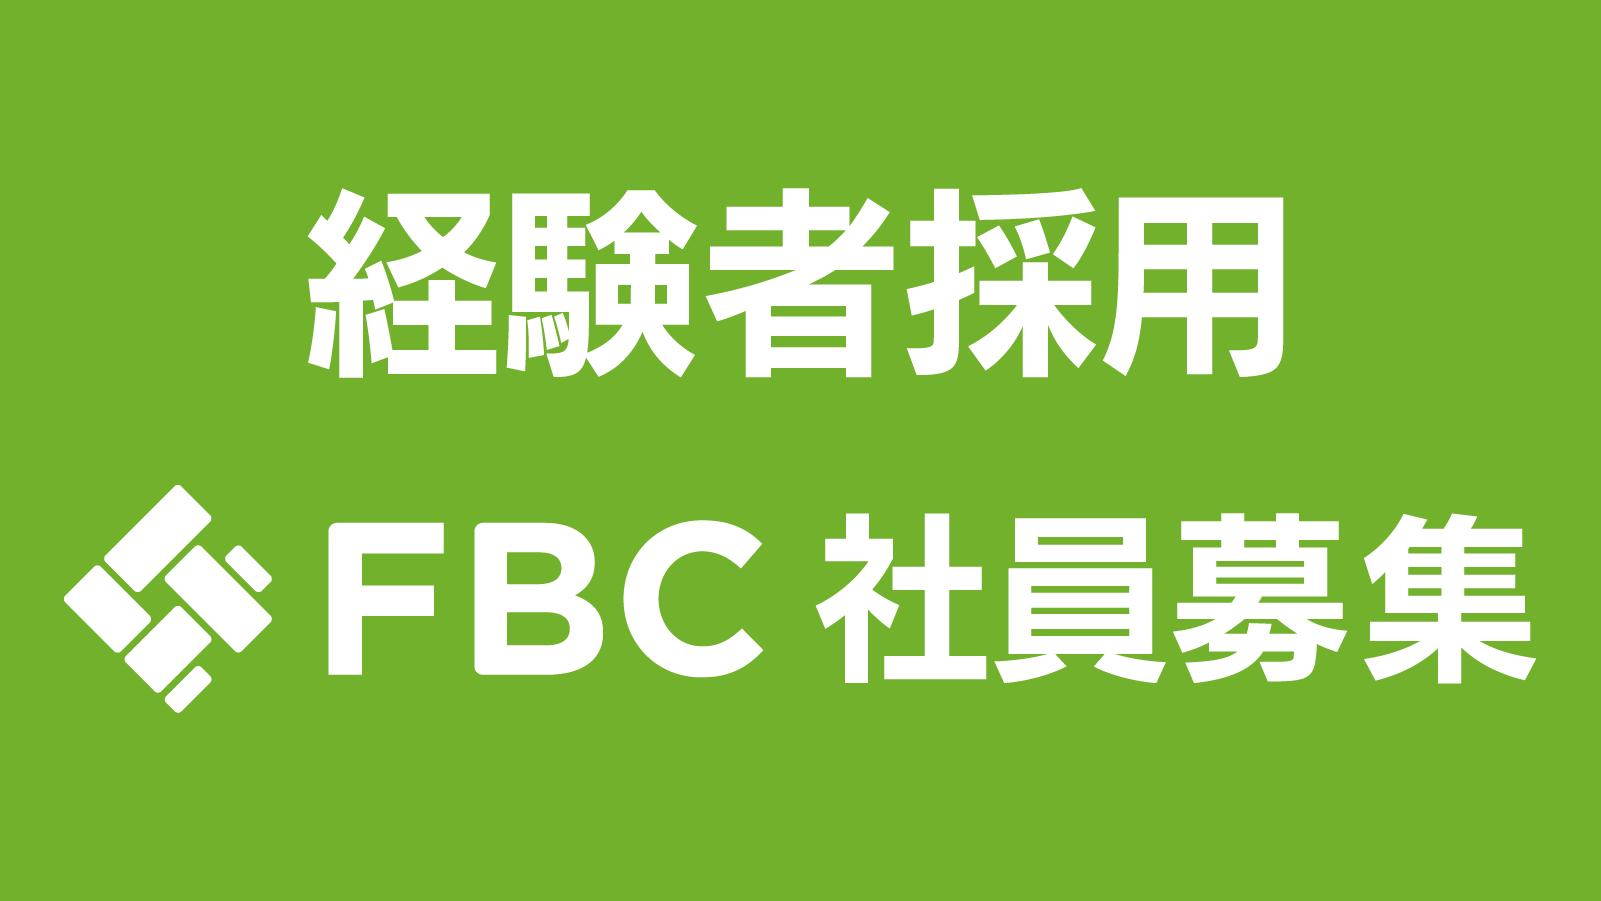 経験者採用 FBC社員募集